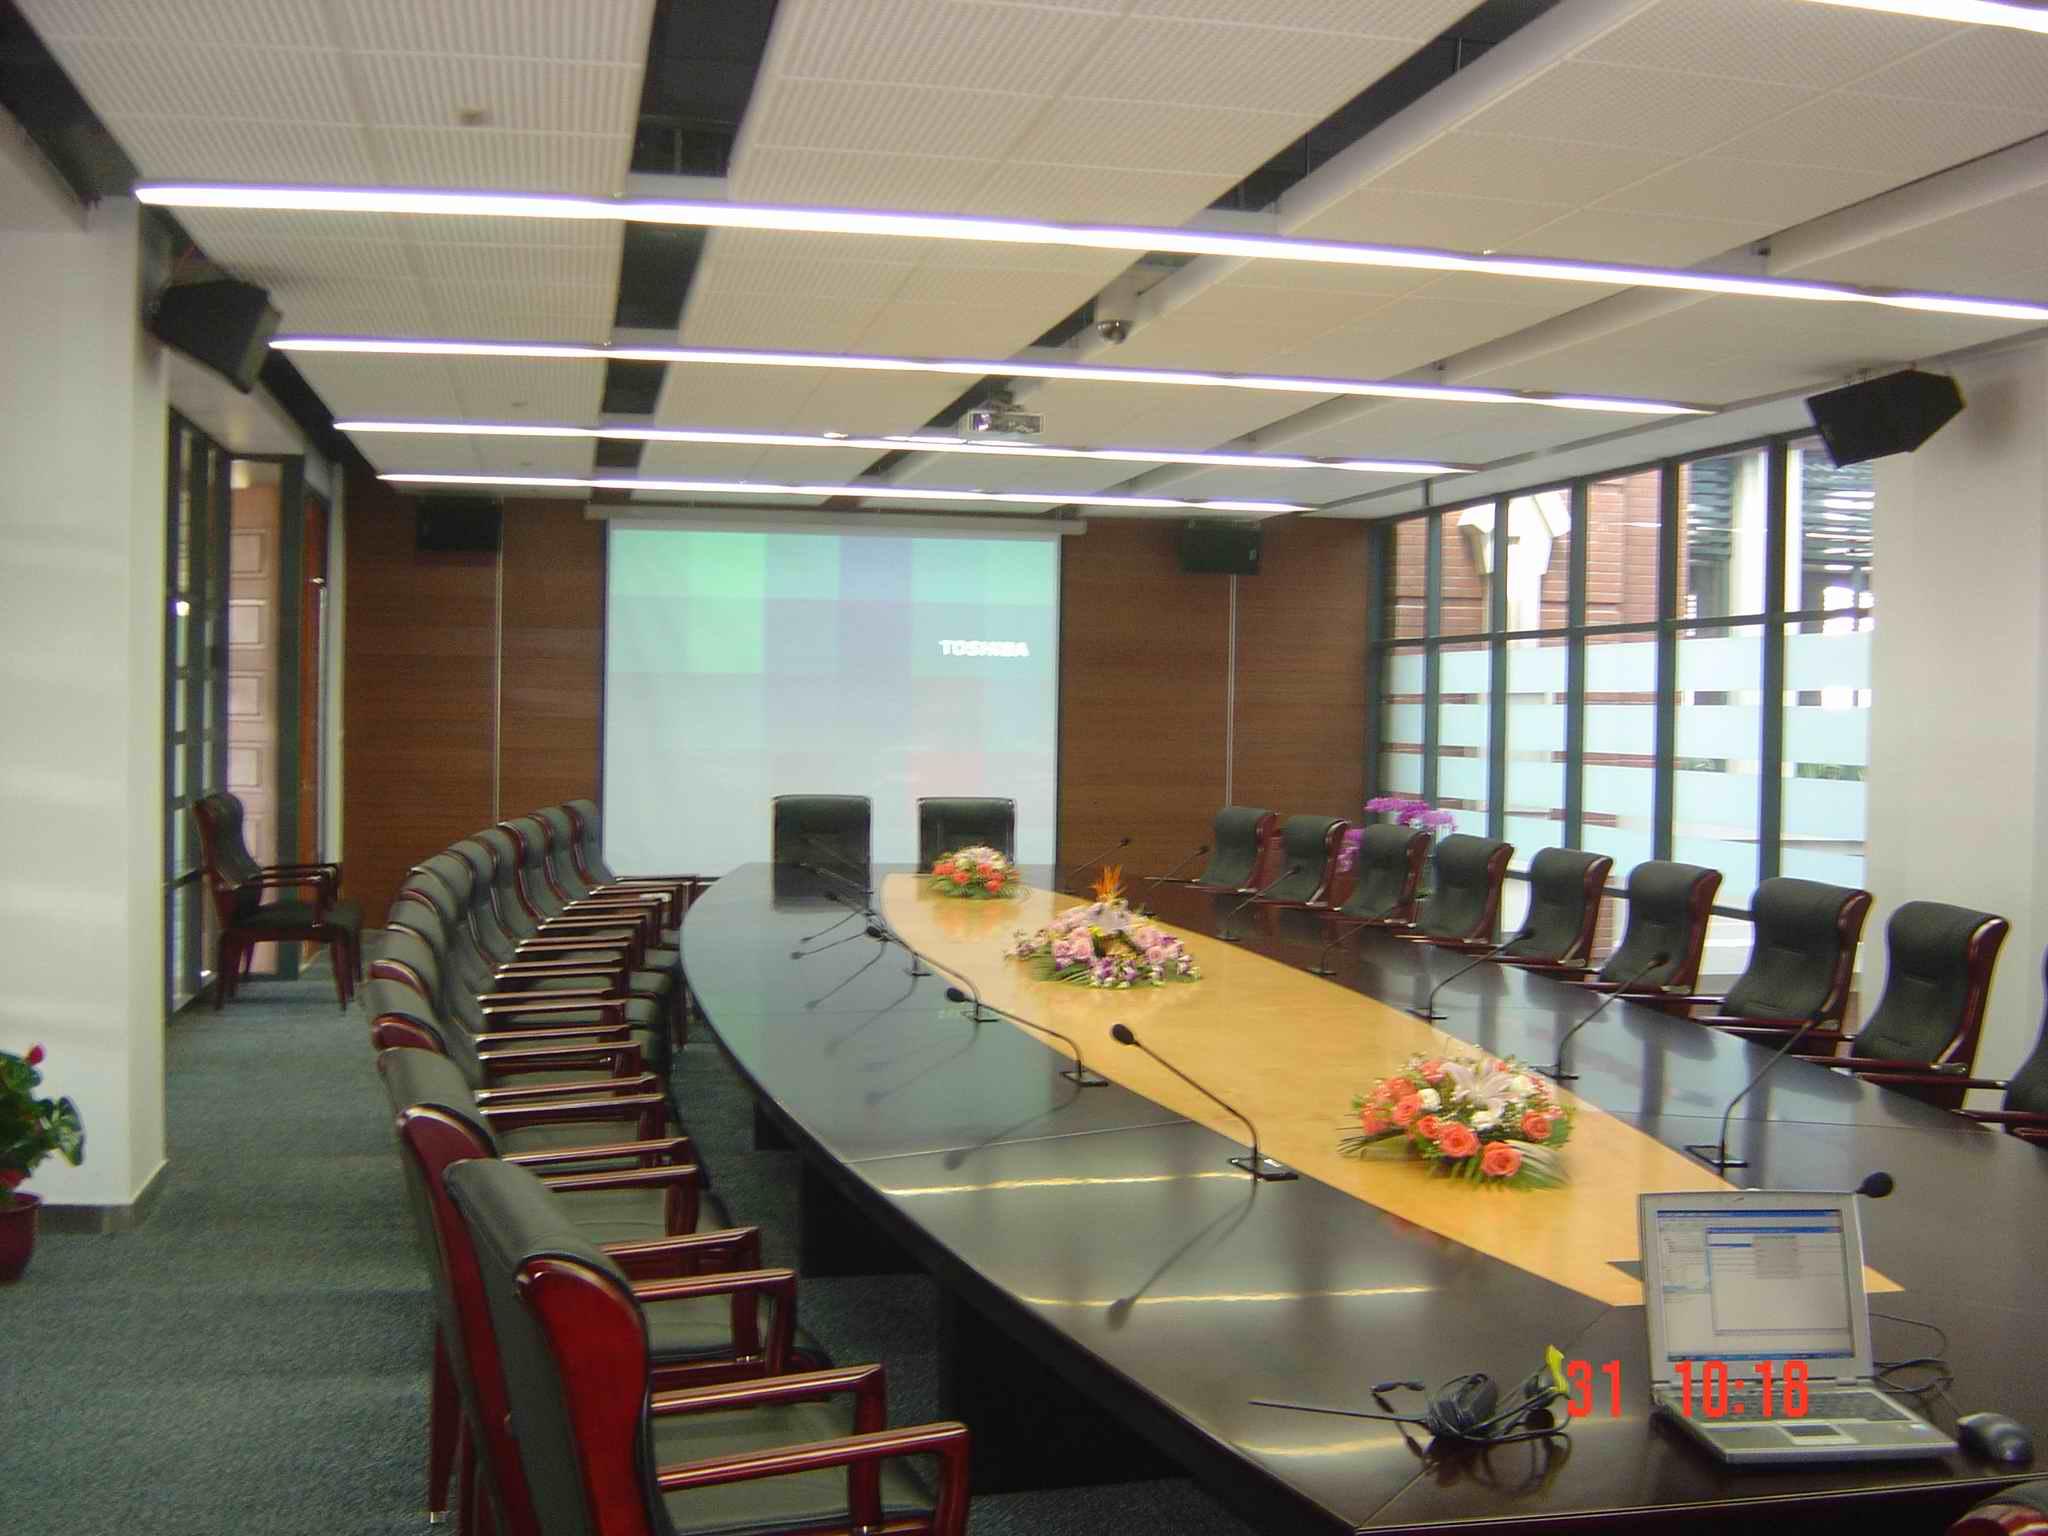 上海理工大学图文信息中心